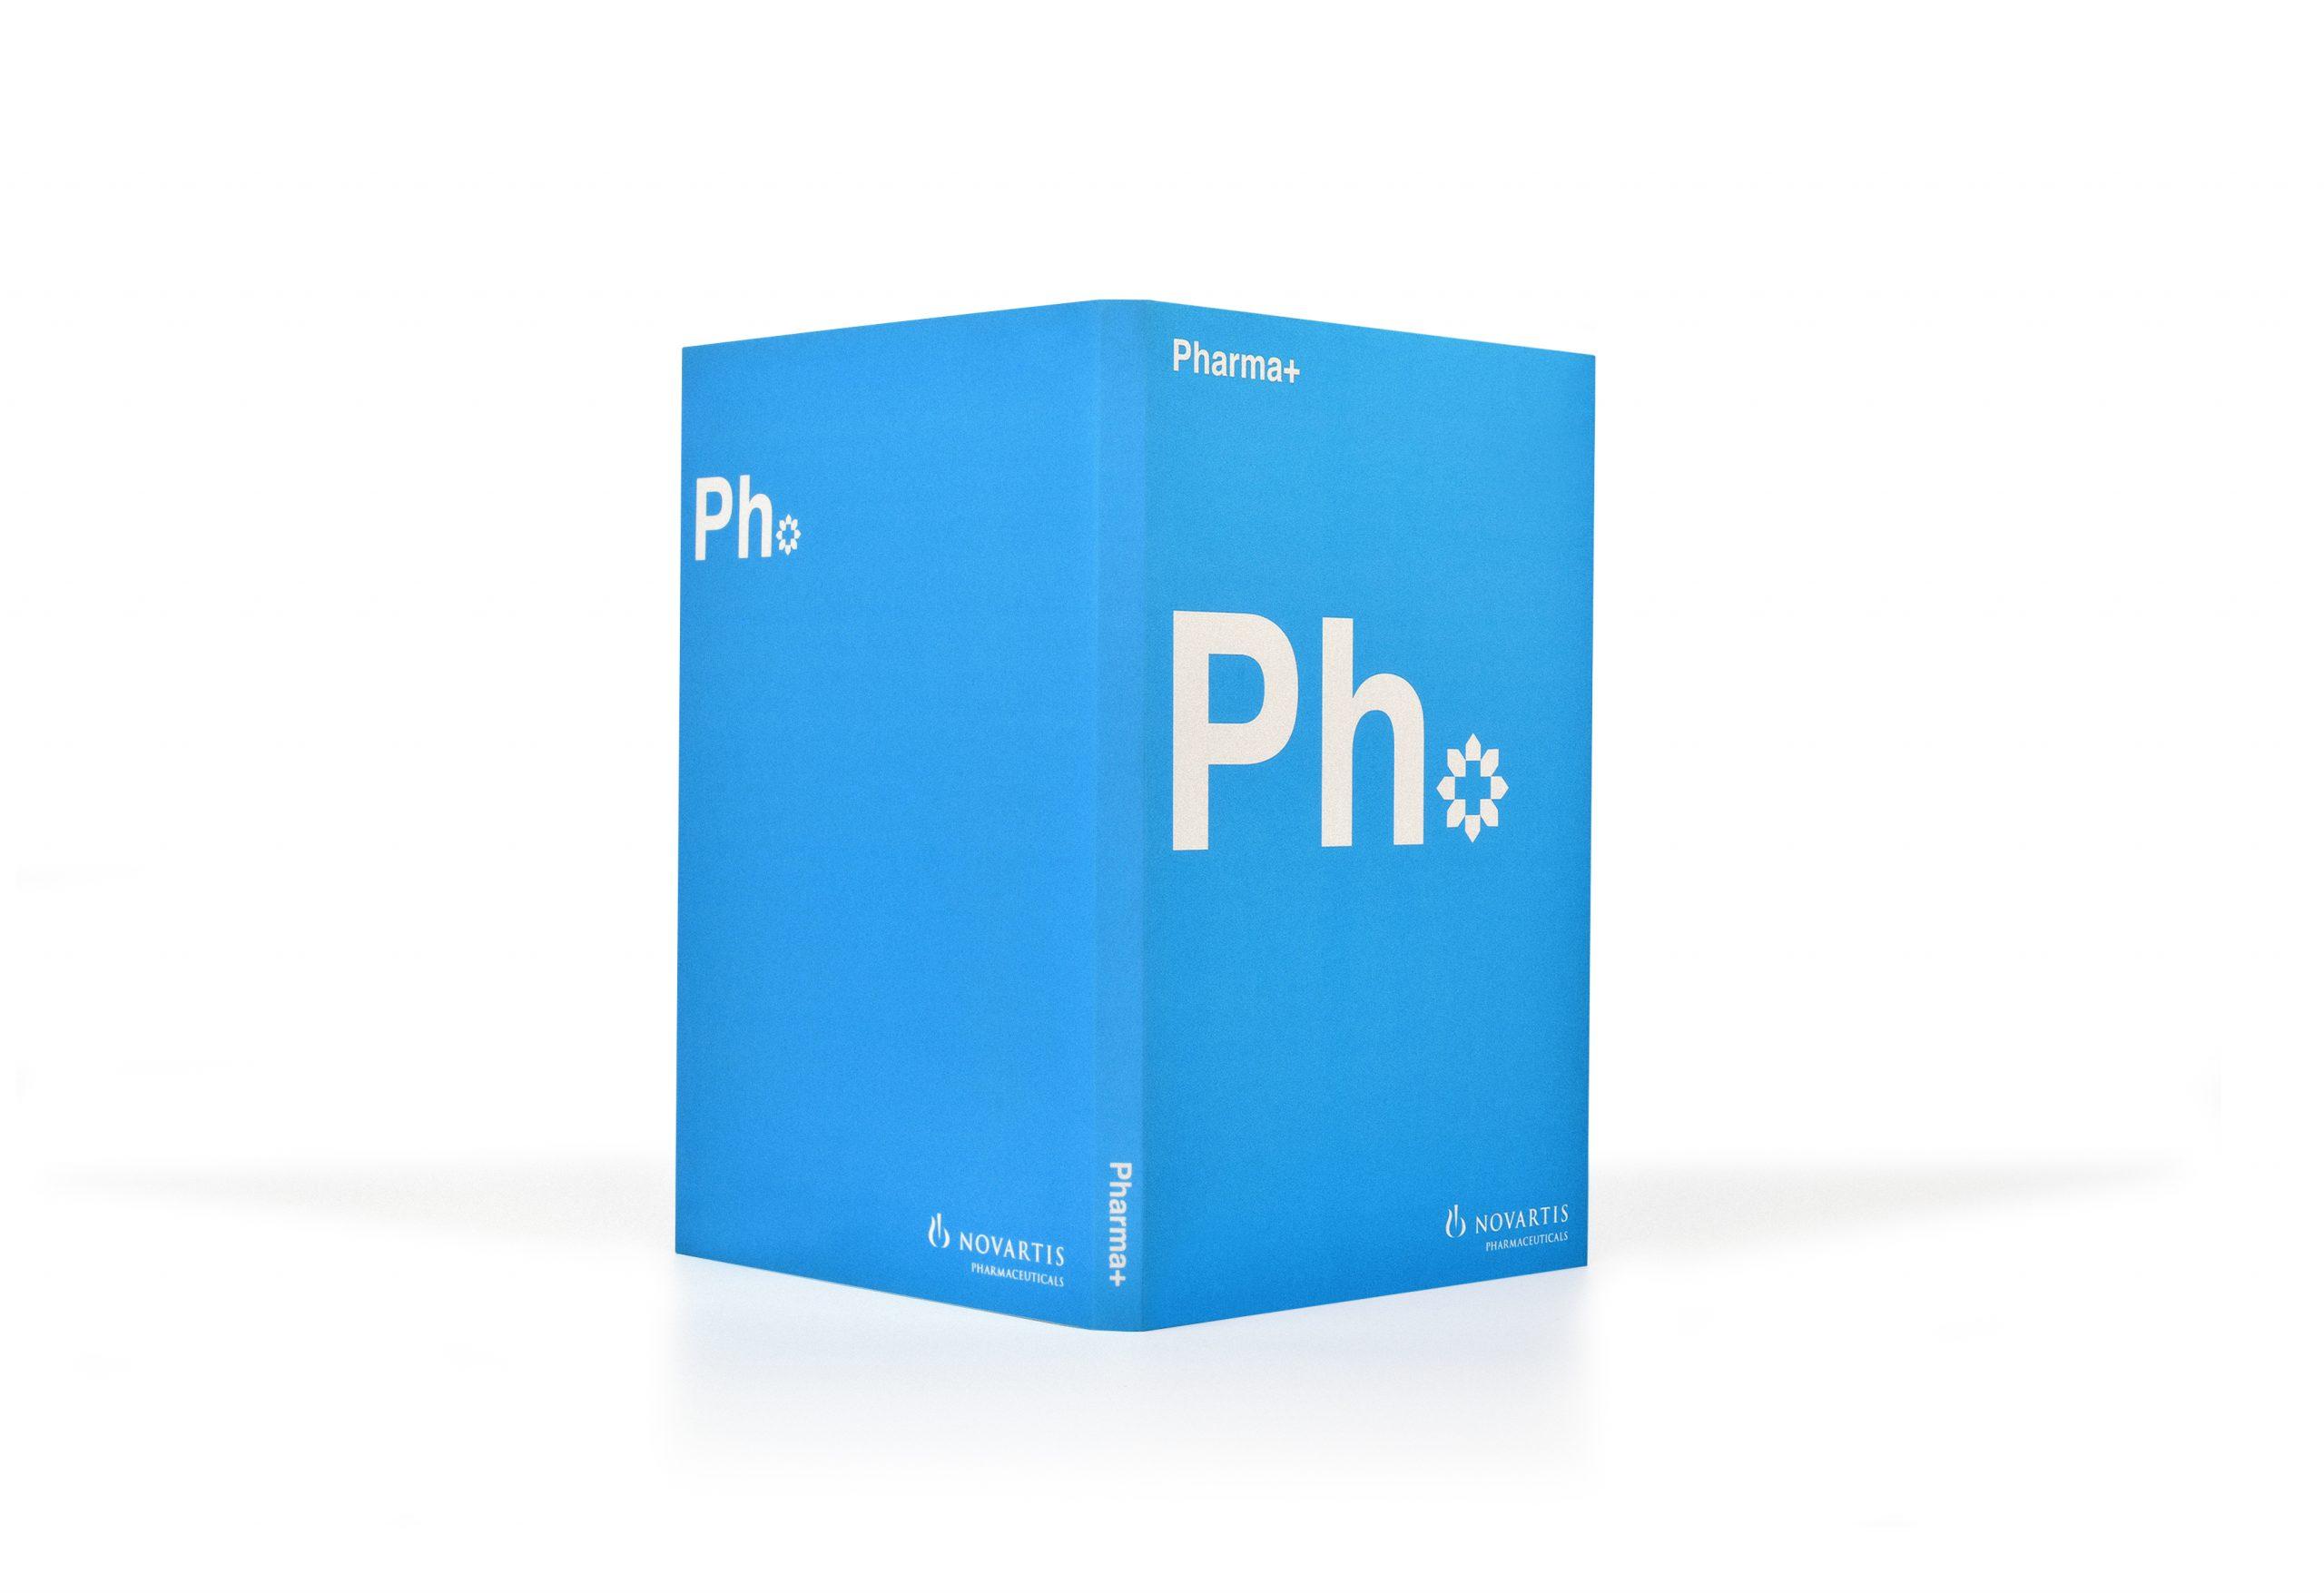 Pharma+_caixa_cartolina